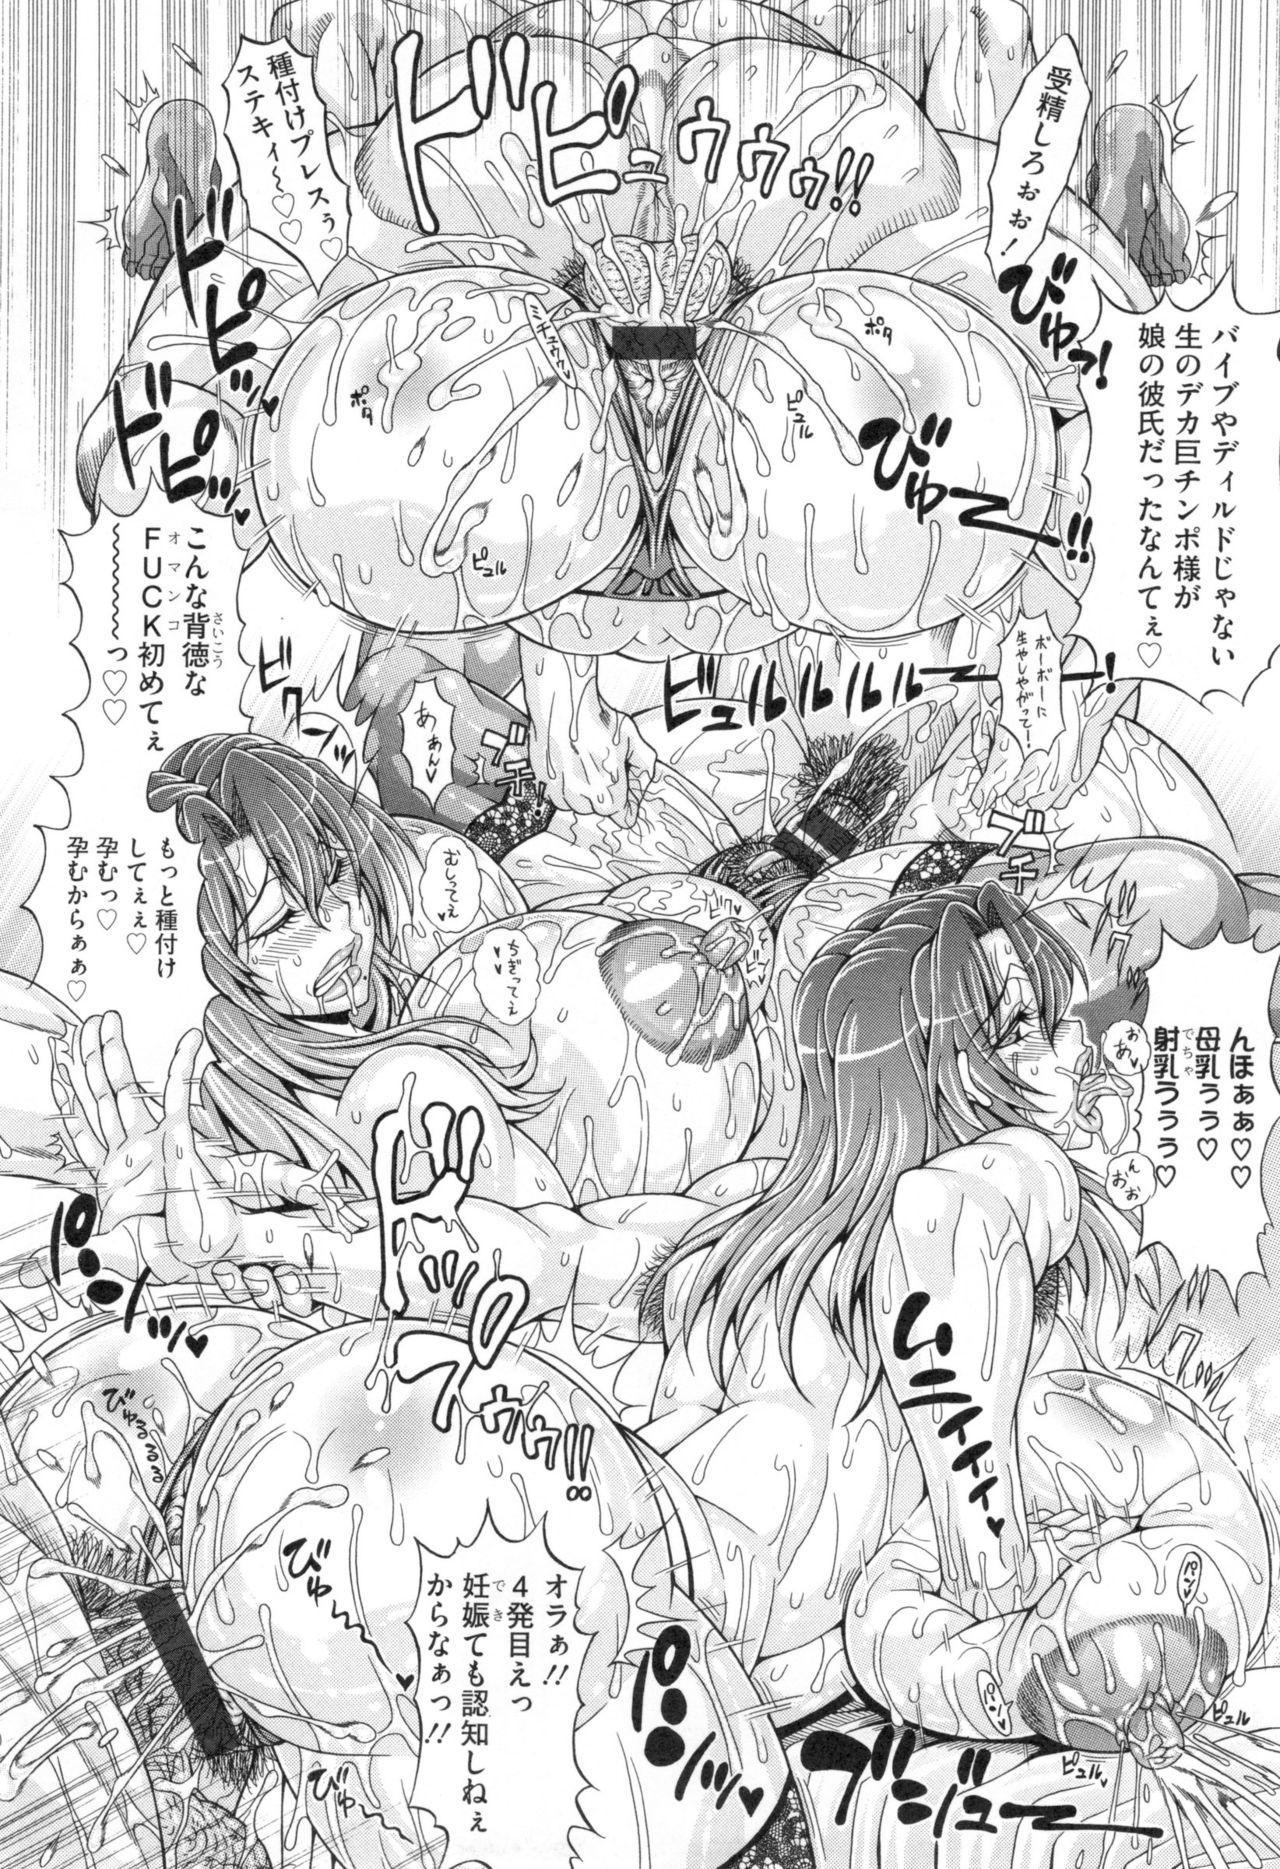 [Andou Hiroyuki] Pakopako Bitch ~Megamori! Mashimashi! Dosukebe Niku~ + Toranoana Leaflet 146